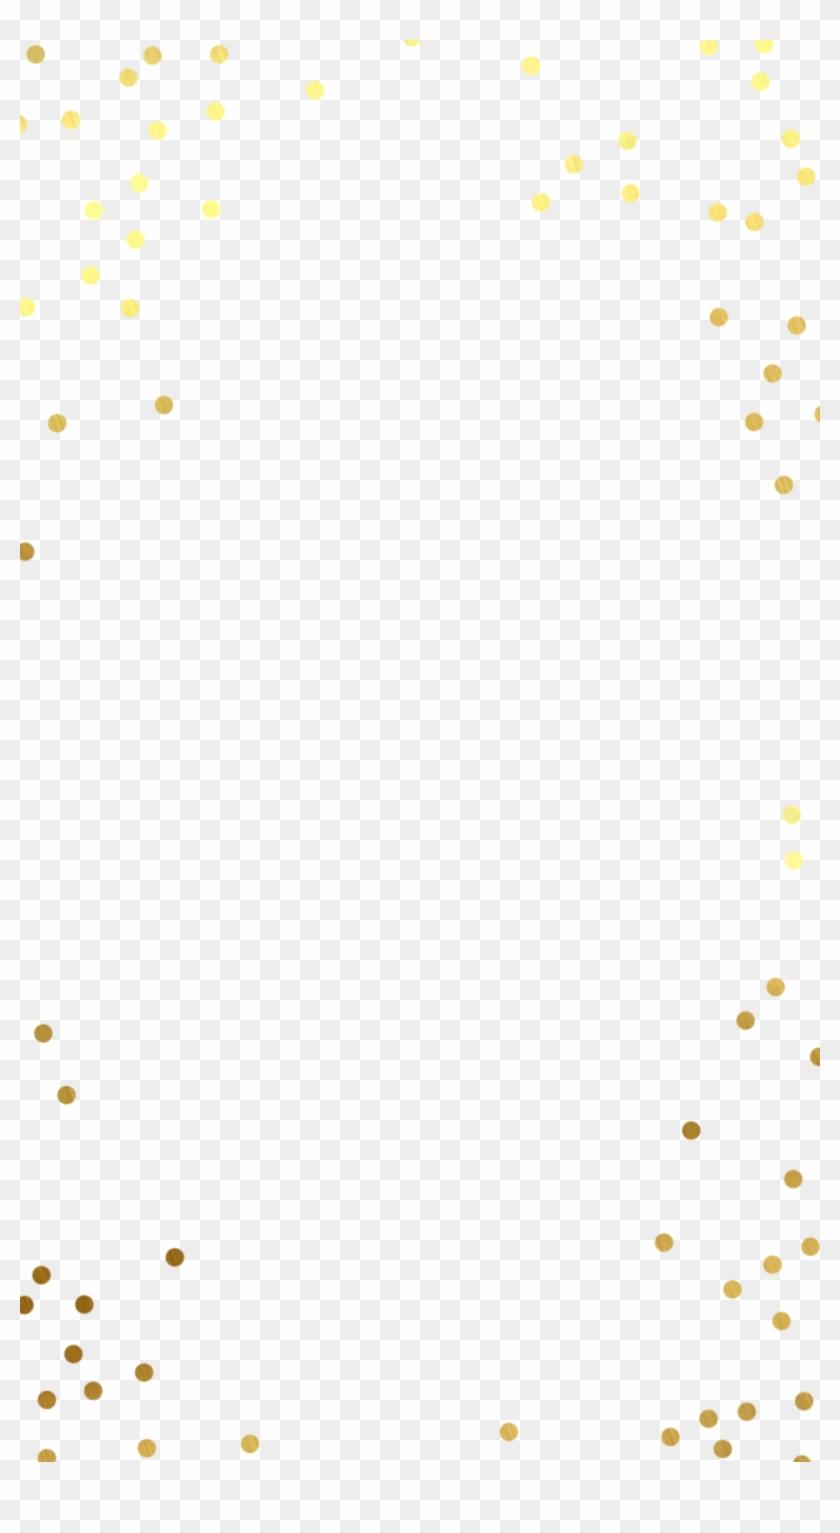 Gold Confetti Png 1080 X 1920 Clipart Confetti.